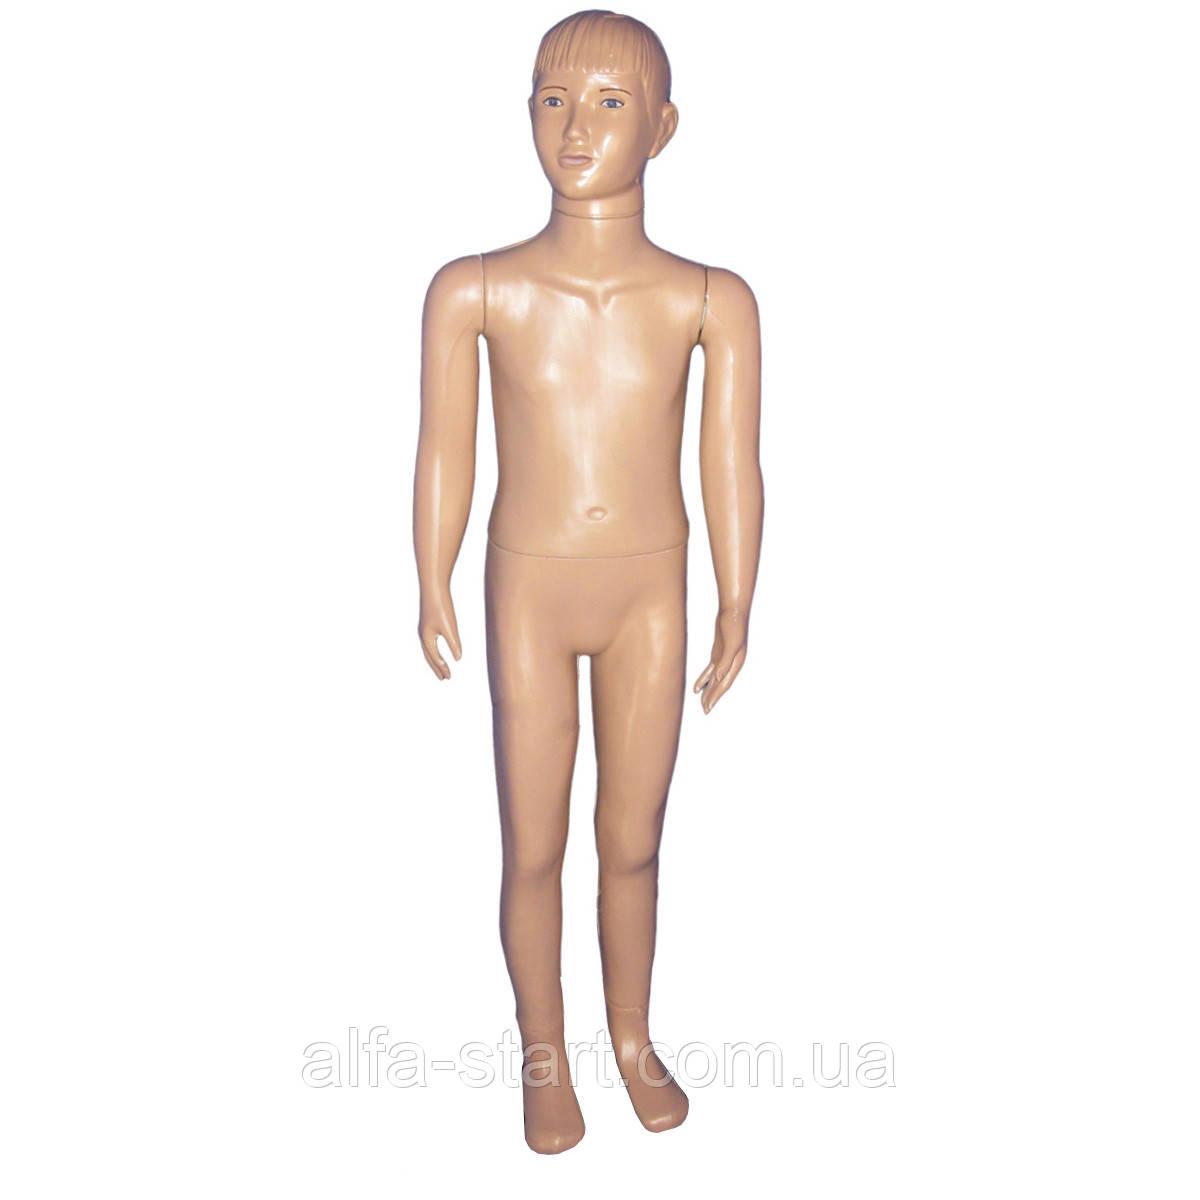 Манекен дитячий реалістичний у повний зріст з макіяжем